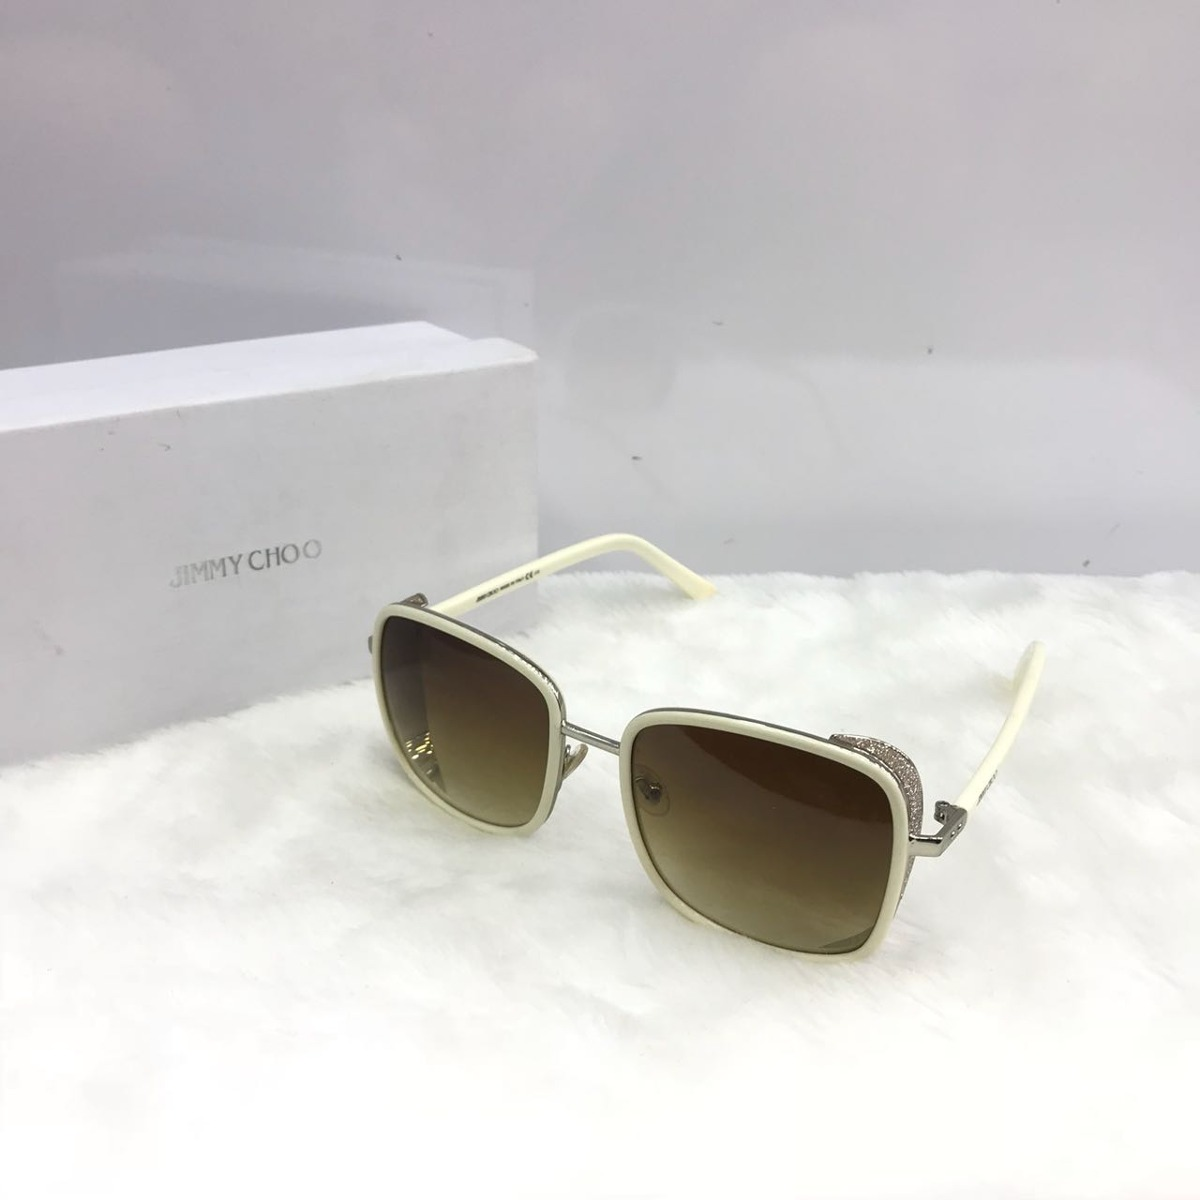 96229e114c9c3 Oculos De Sol Feminino Jimmy Choo Autêntico - R  949,00 em Mercado Livre